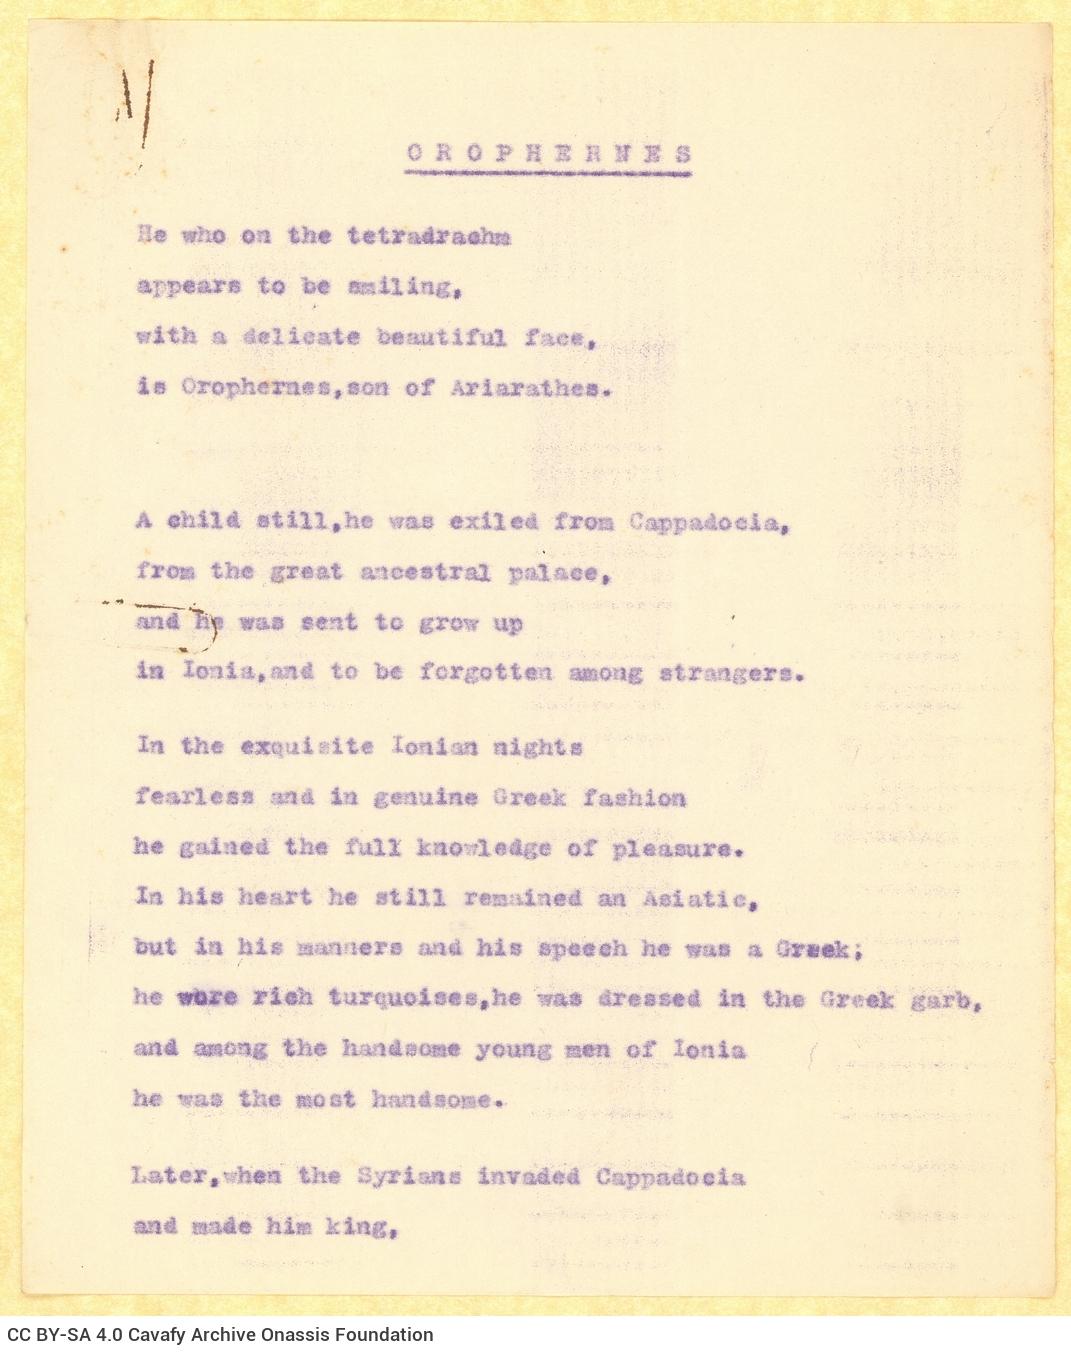 Δακτυλόγραφο αγγλικής μετάφρασης του ποιήματος «Οροφέρνης» από τ�